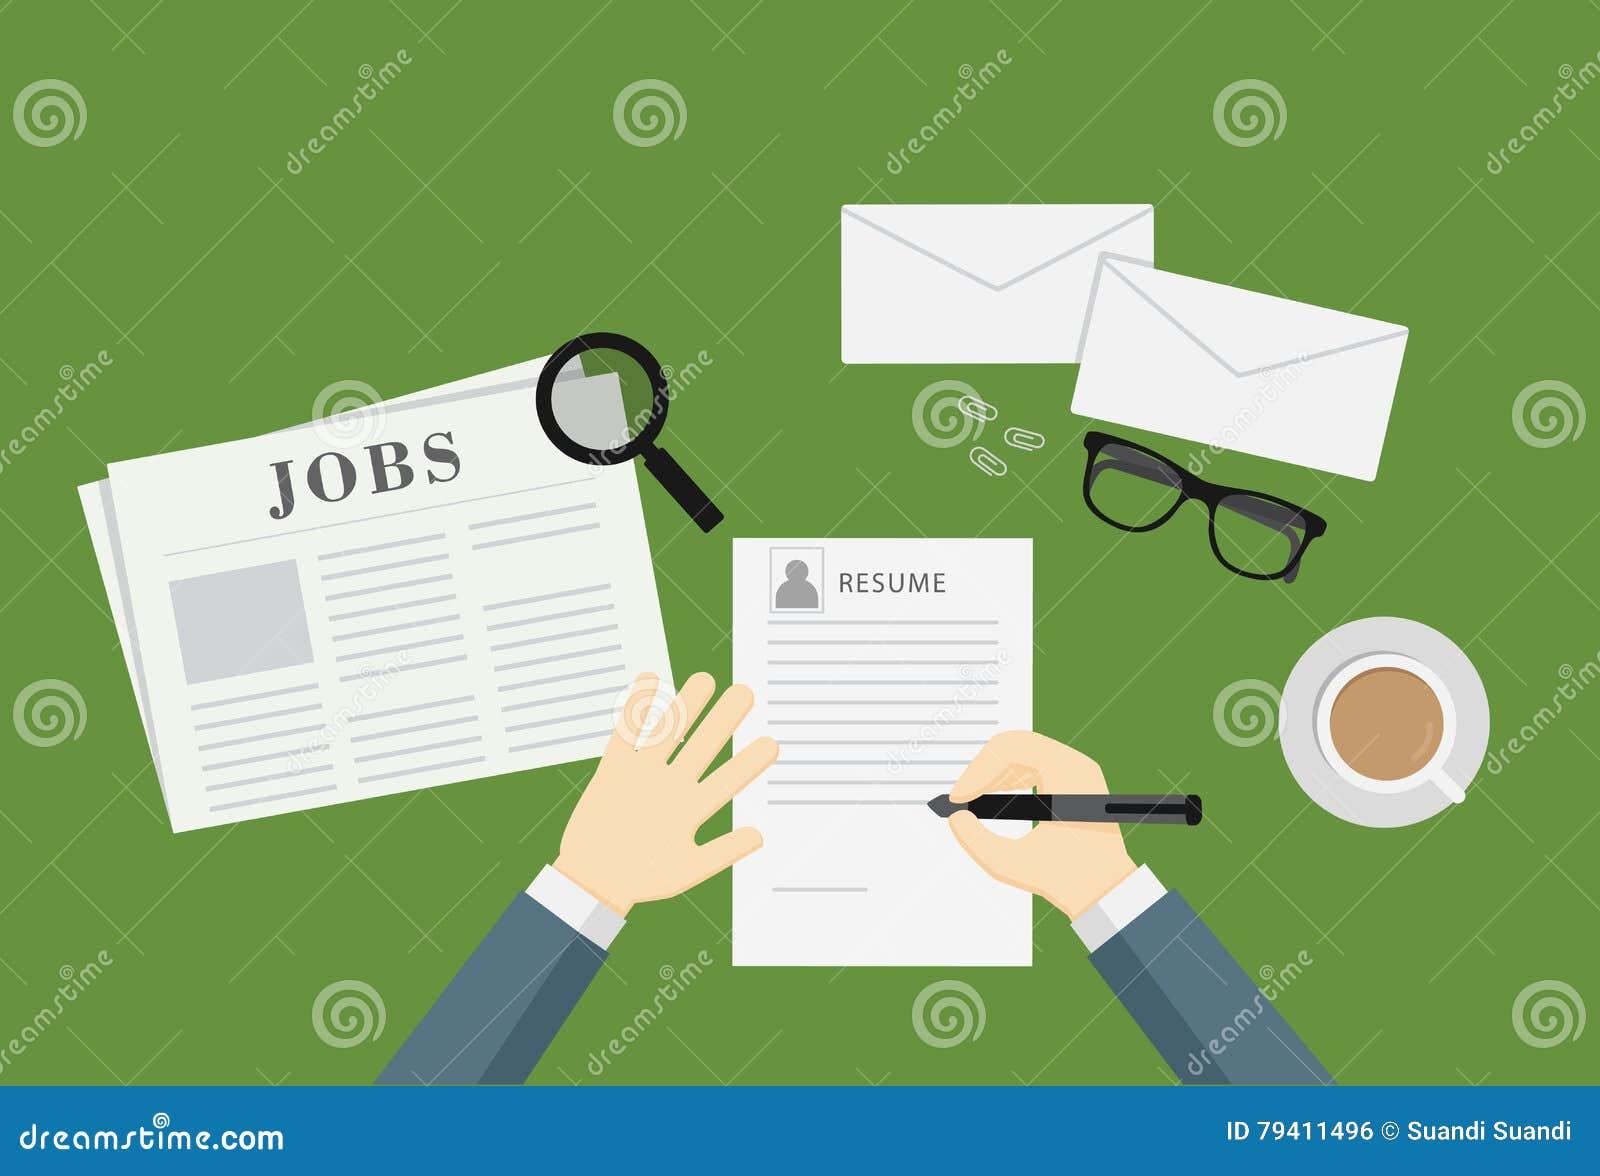 Leute Die Eine Zusammenfassung Schreiben Um Job Vacancy Anzuwenden